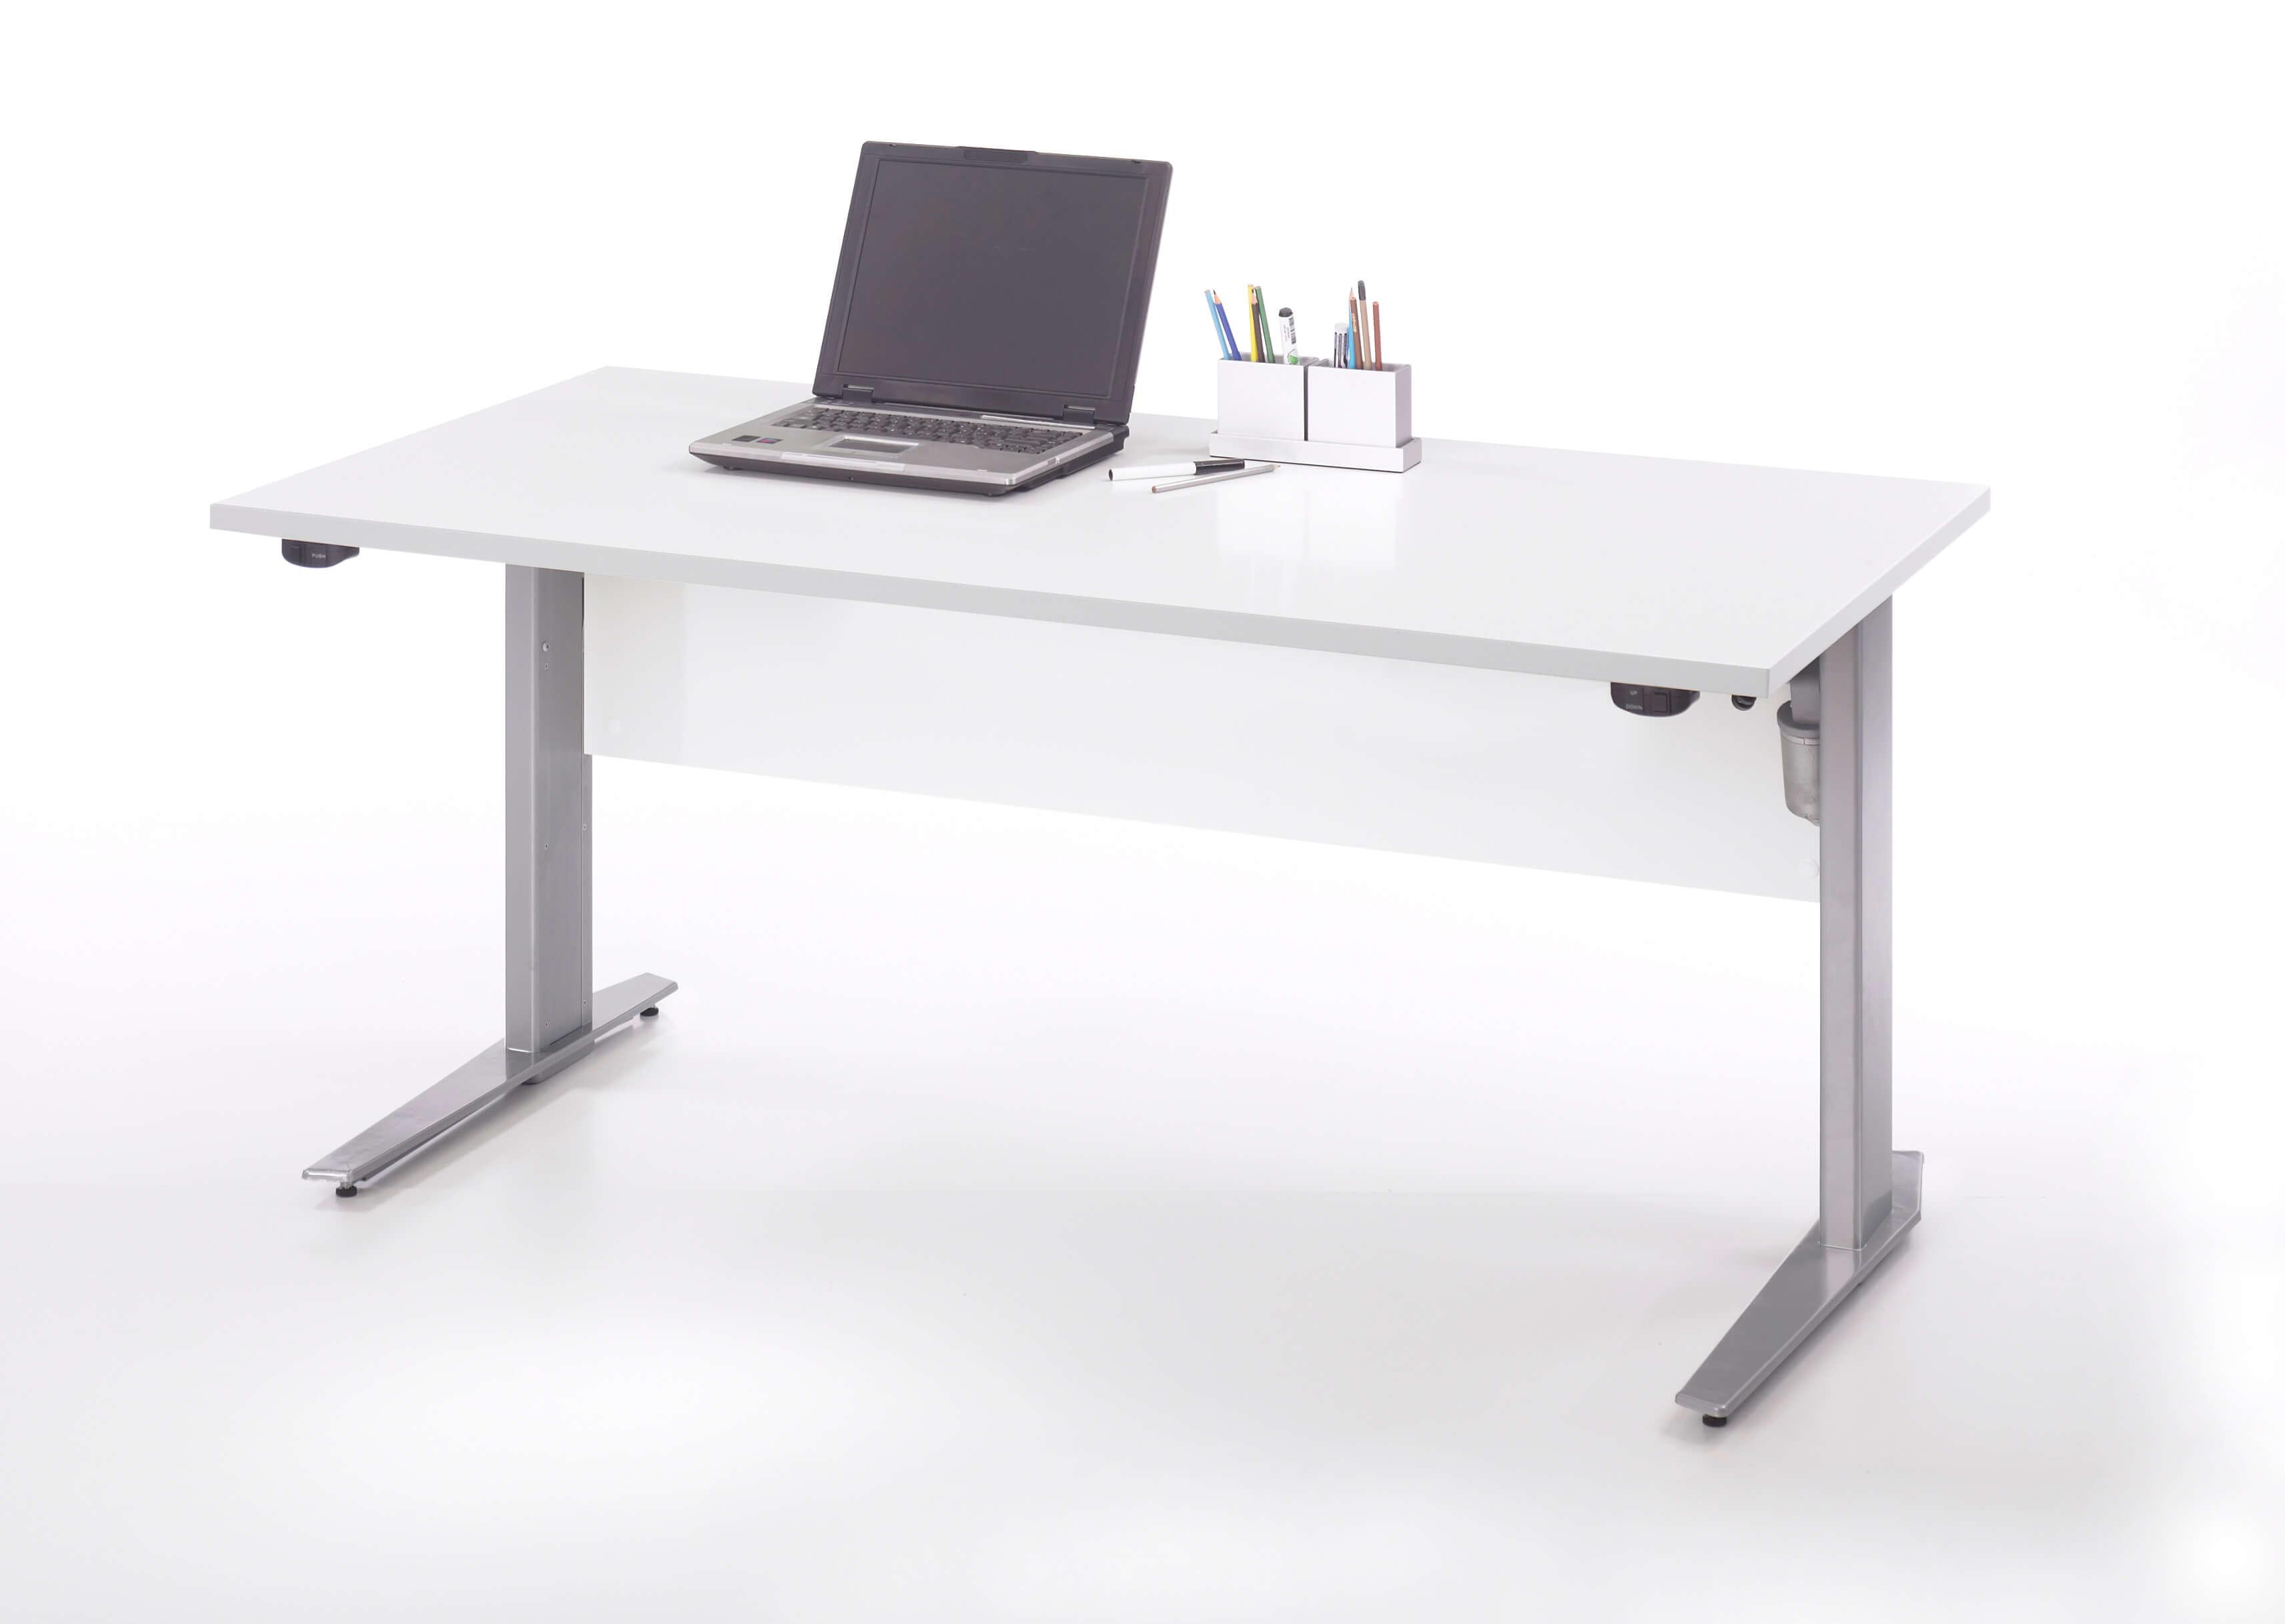 Prima skrivebord - hvid/sølvgråt stål, m. hæve/sænke funktion (150x80)